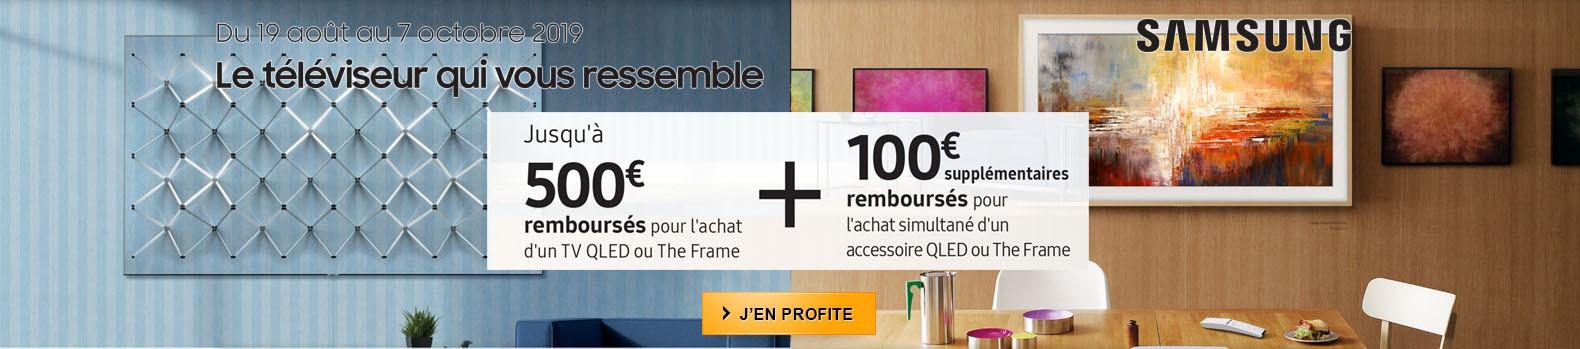 Jusqu'à 500€ remboursés pour l'achat d'un téléviseur Frame Samsung avec 100€ supplémentaires si achat d'un accessoires